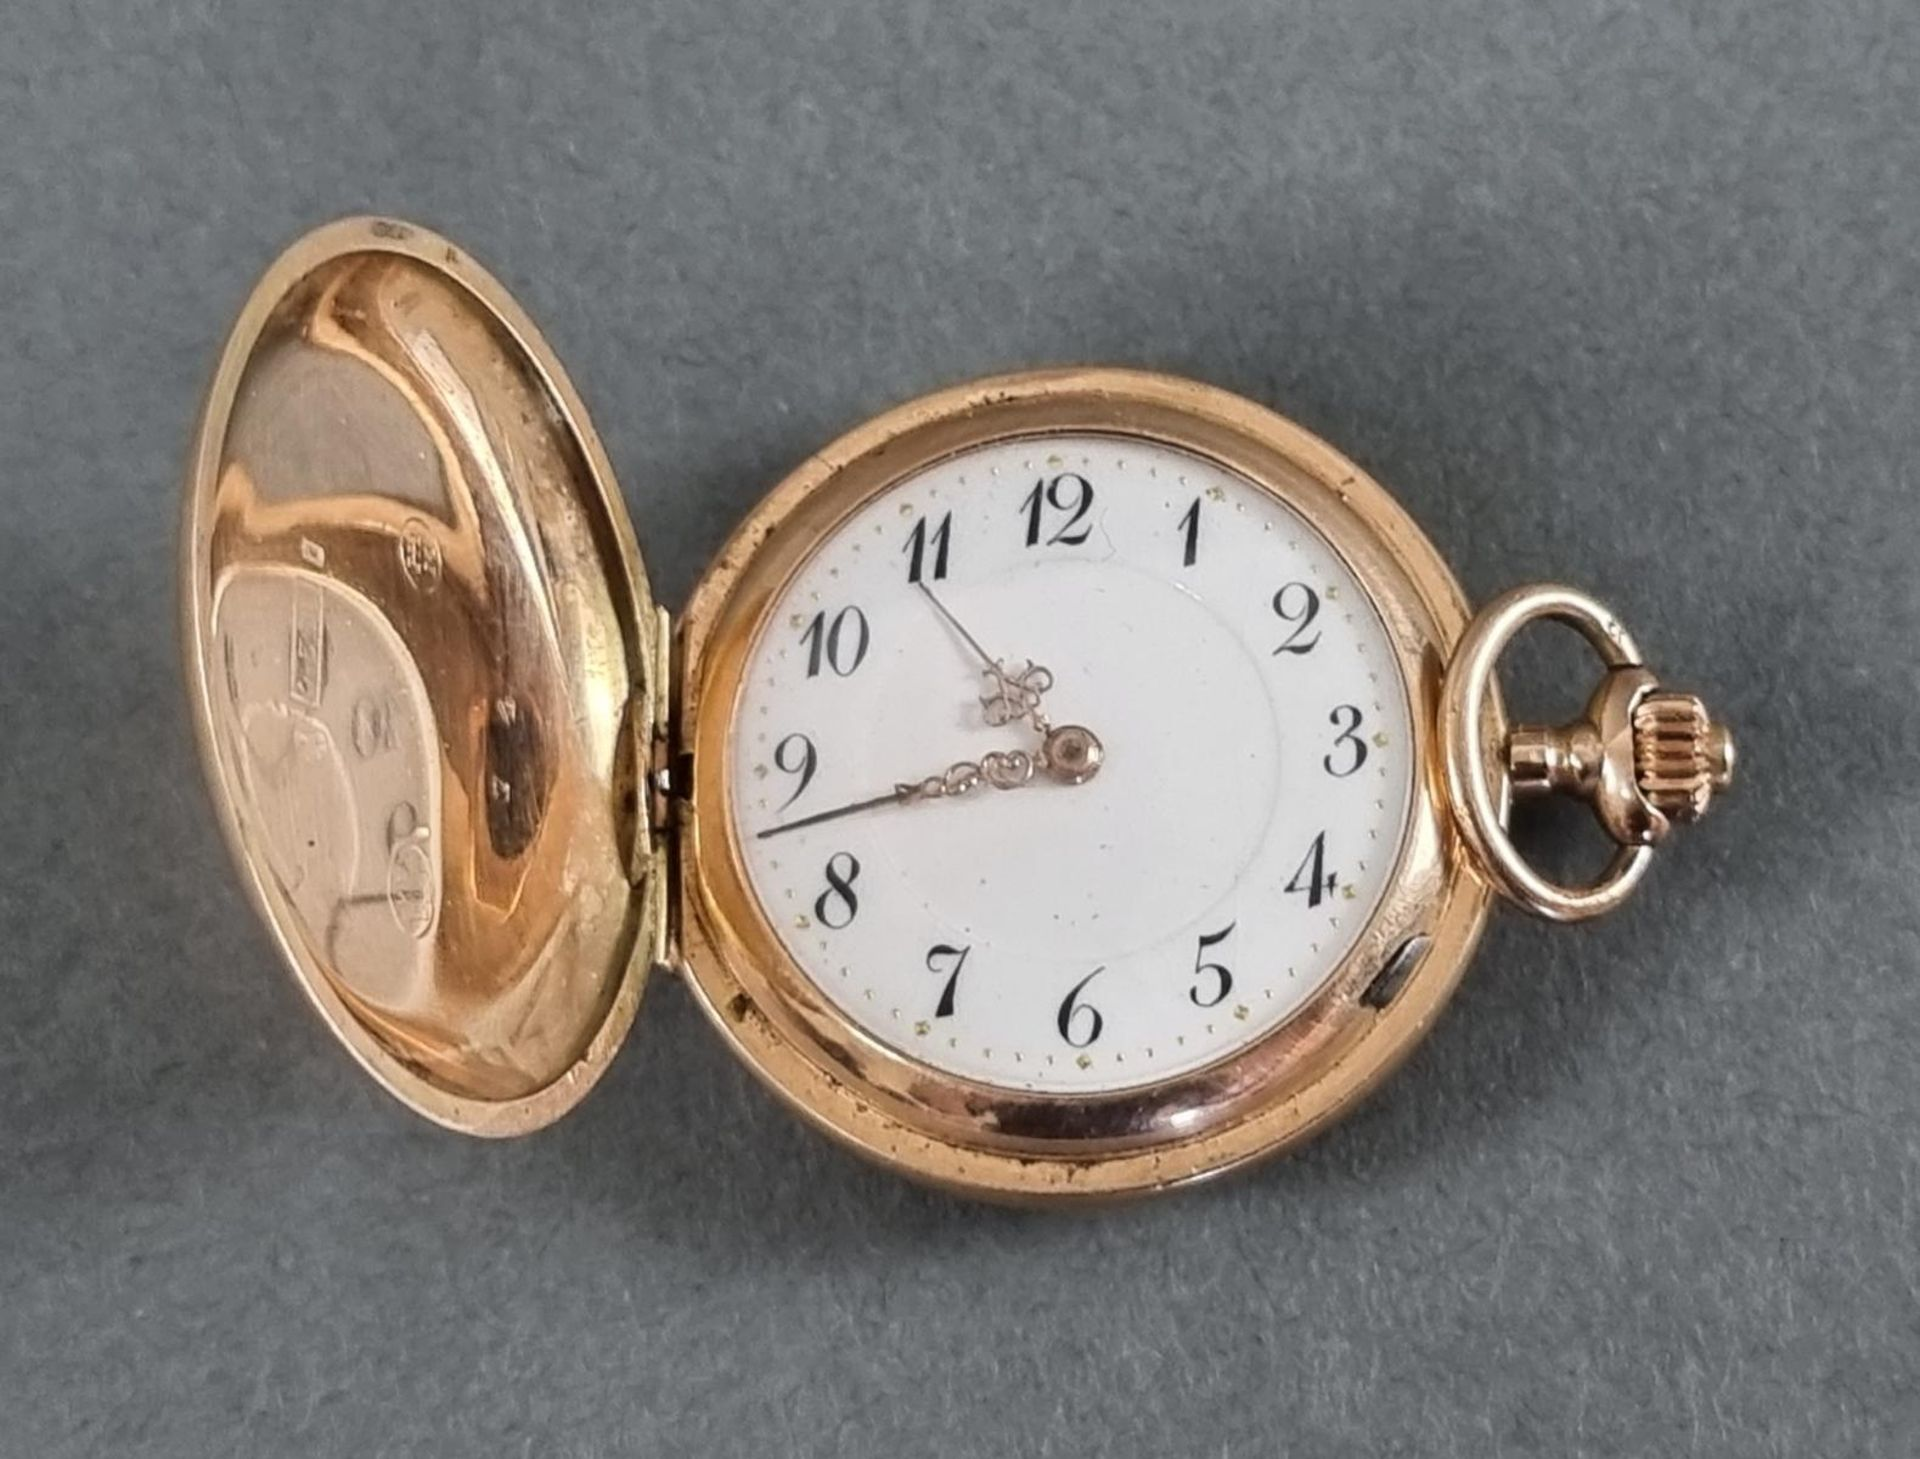 Goldene Damentaschenuhr, 14 Karat Gelbgold - Bild 2 aus 7